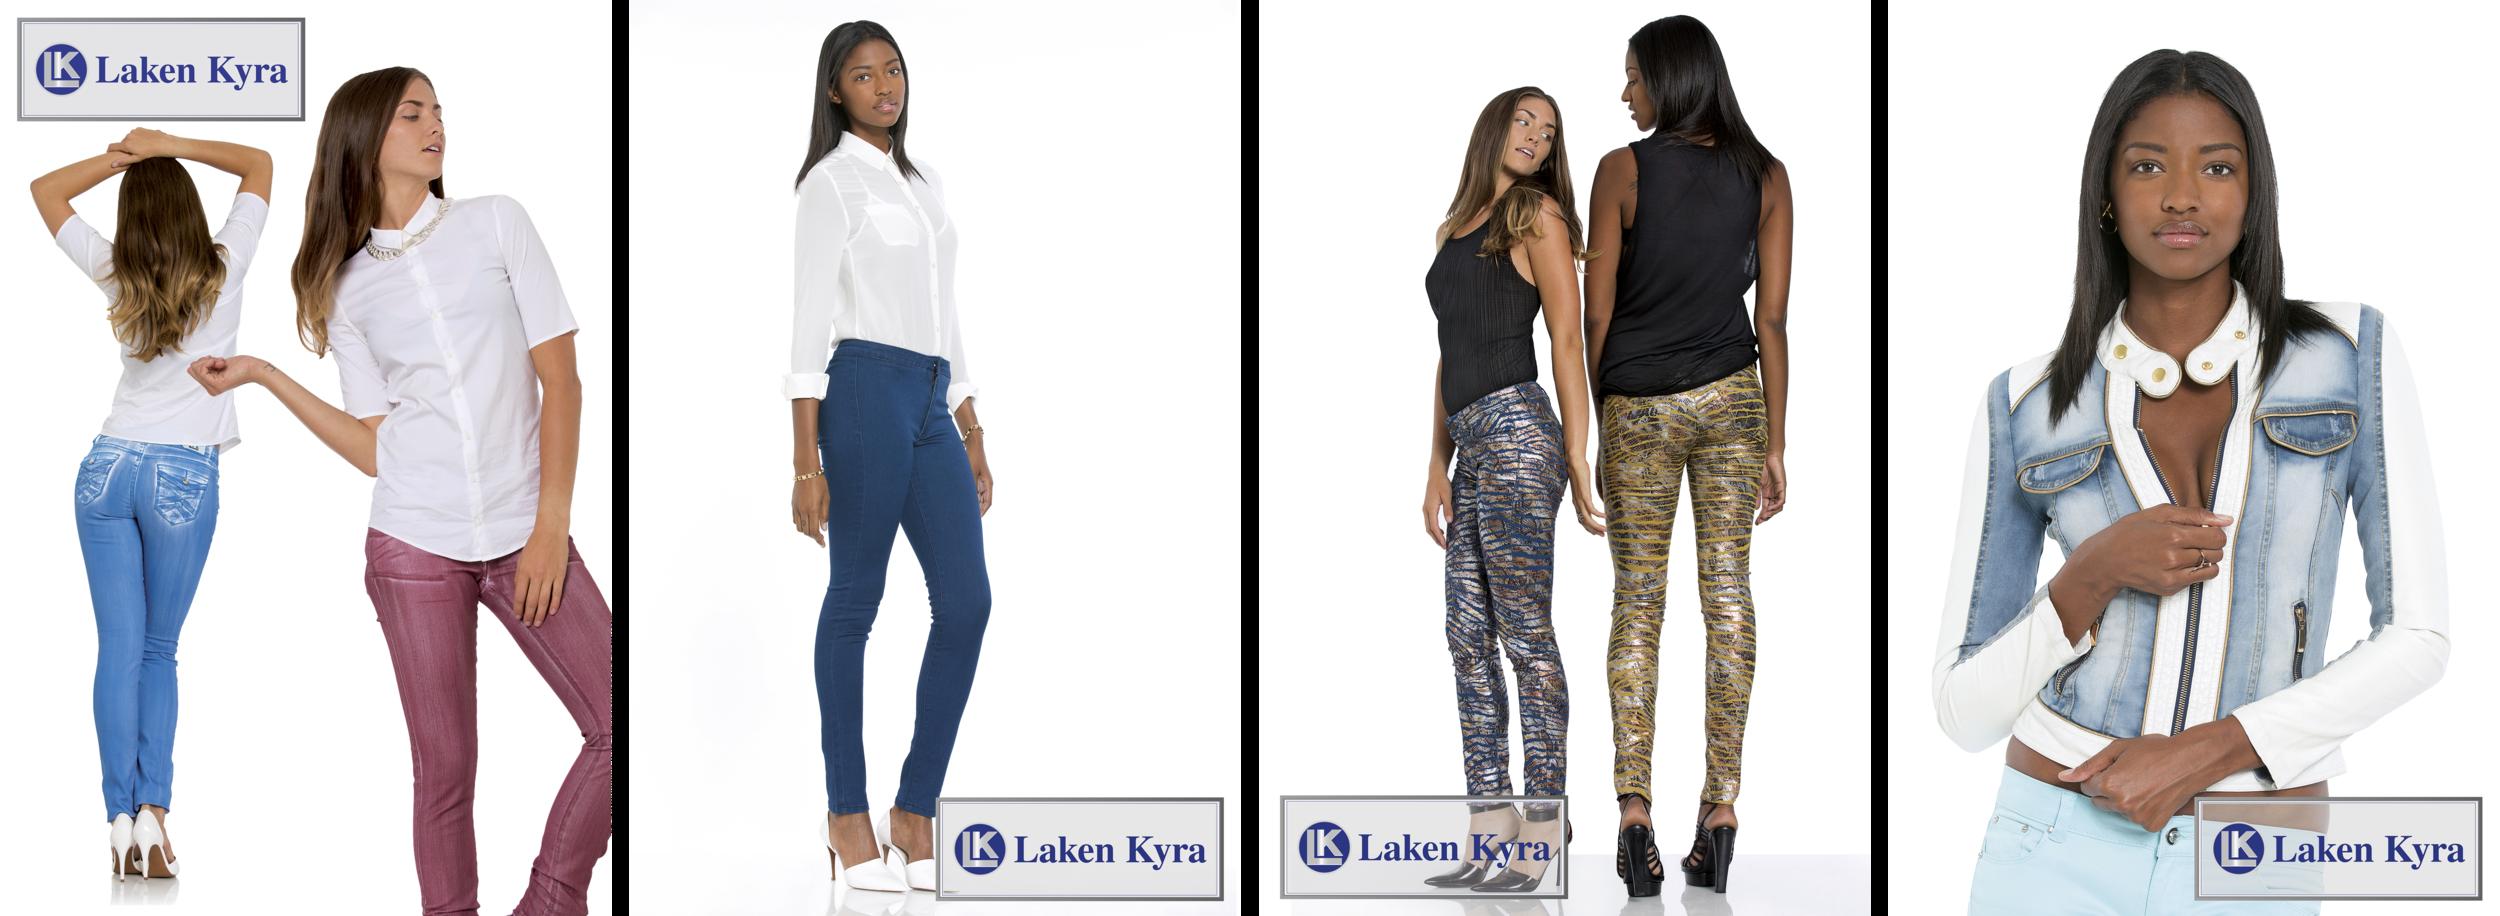 HLS Media Graphic Design Laken Kyra